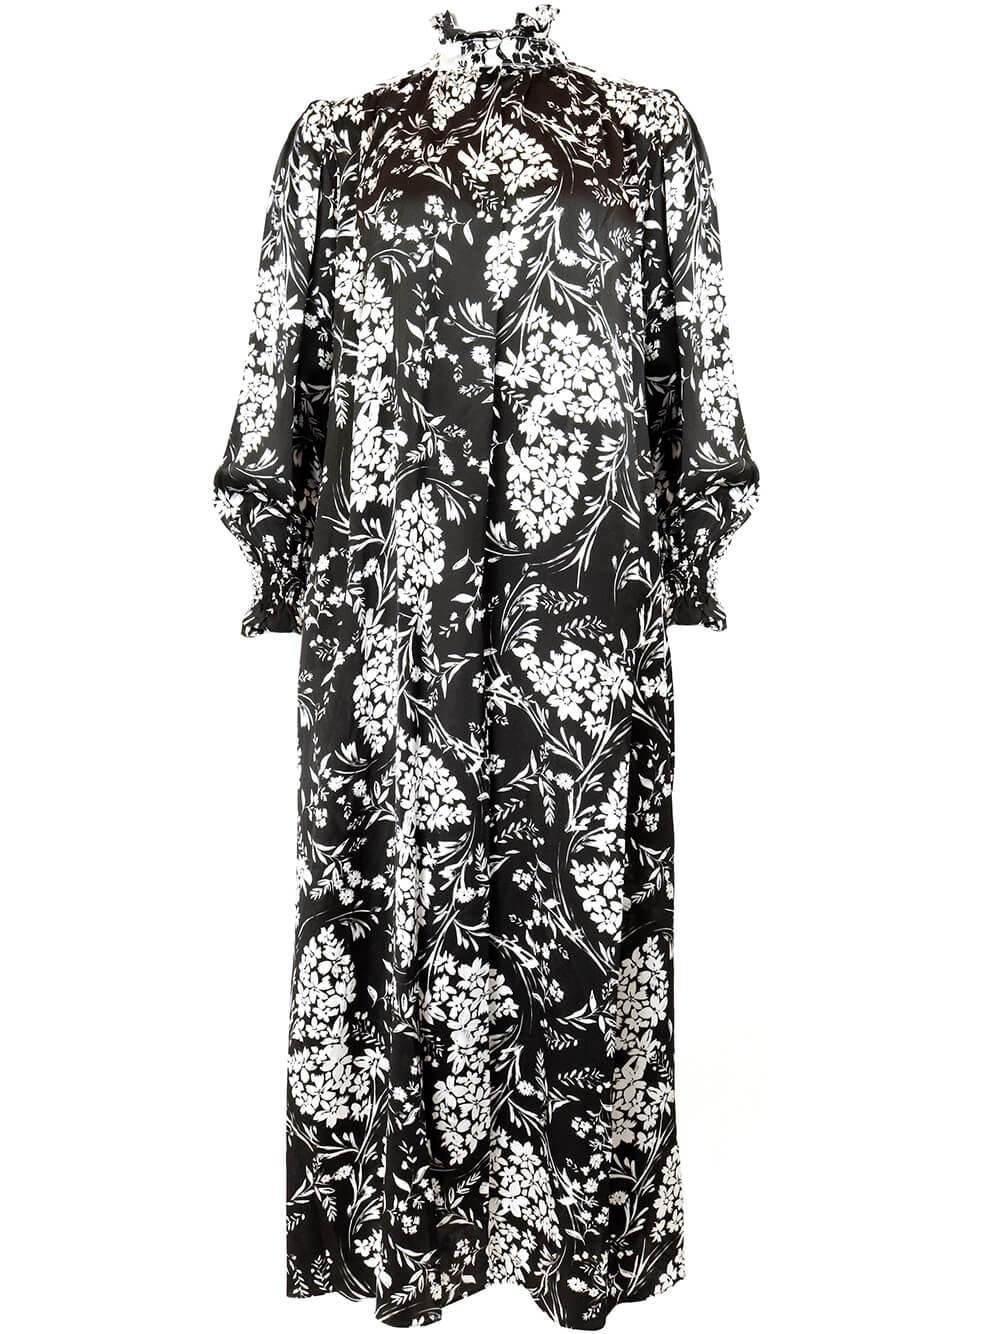 Crosby Maxi Dress Item # 20HD1